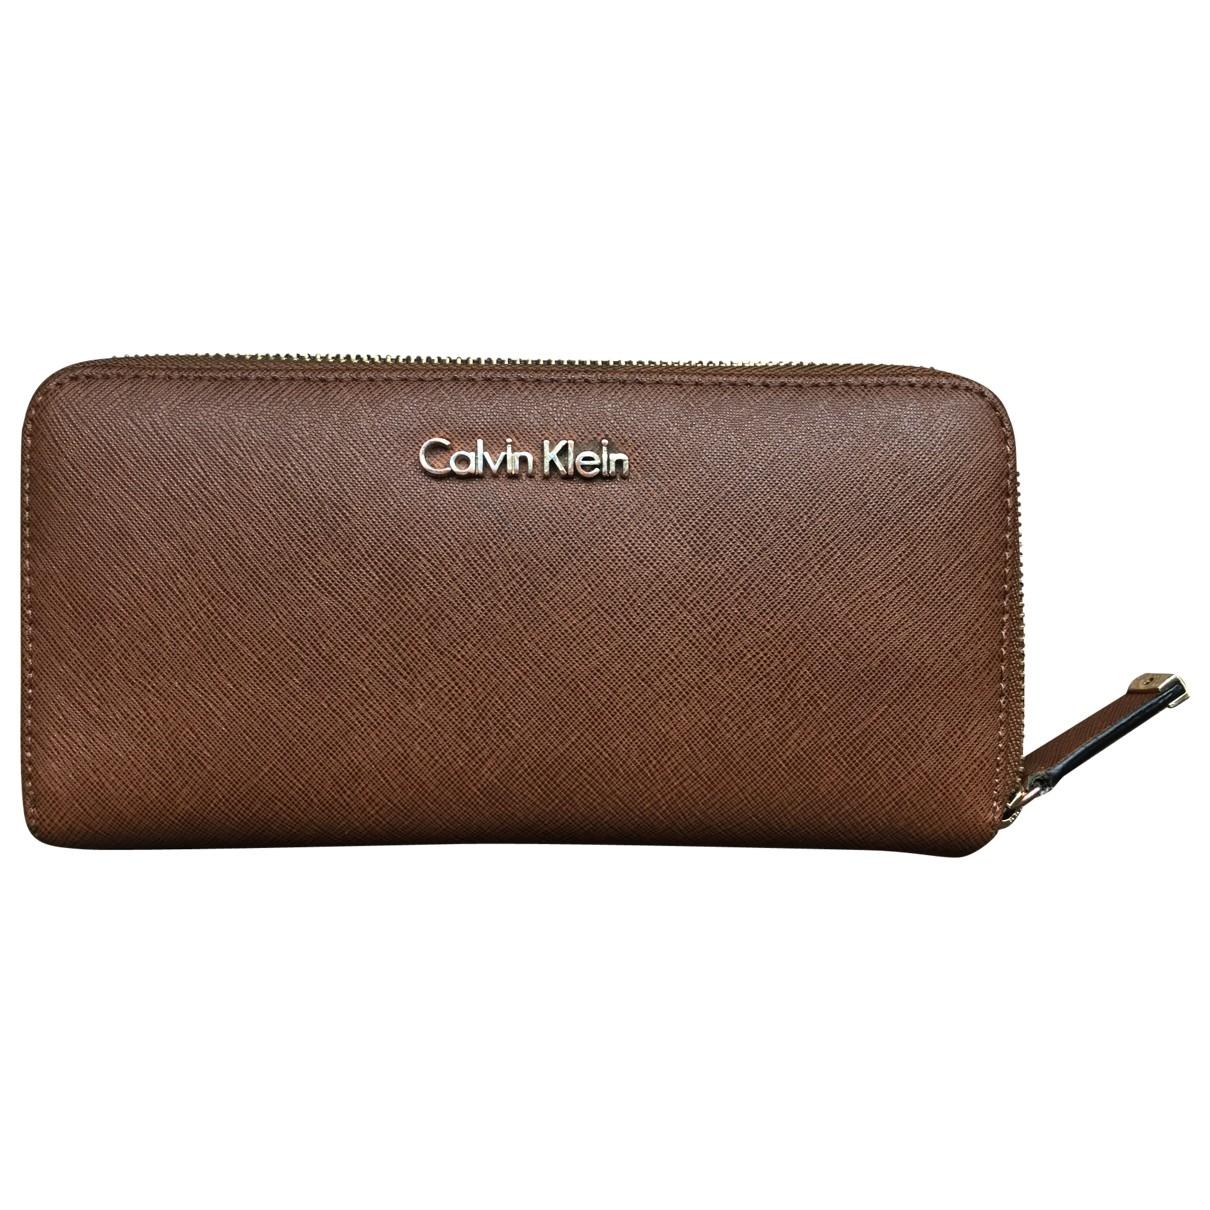 Calvin Klein - Petite maroquinerie   pour femme en cuir - marron